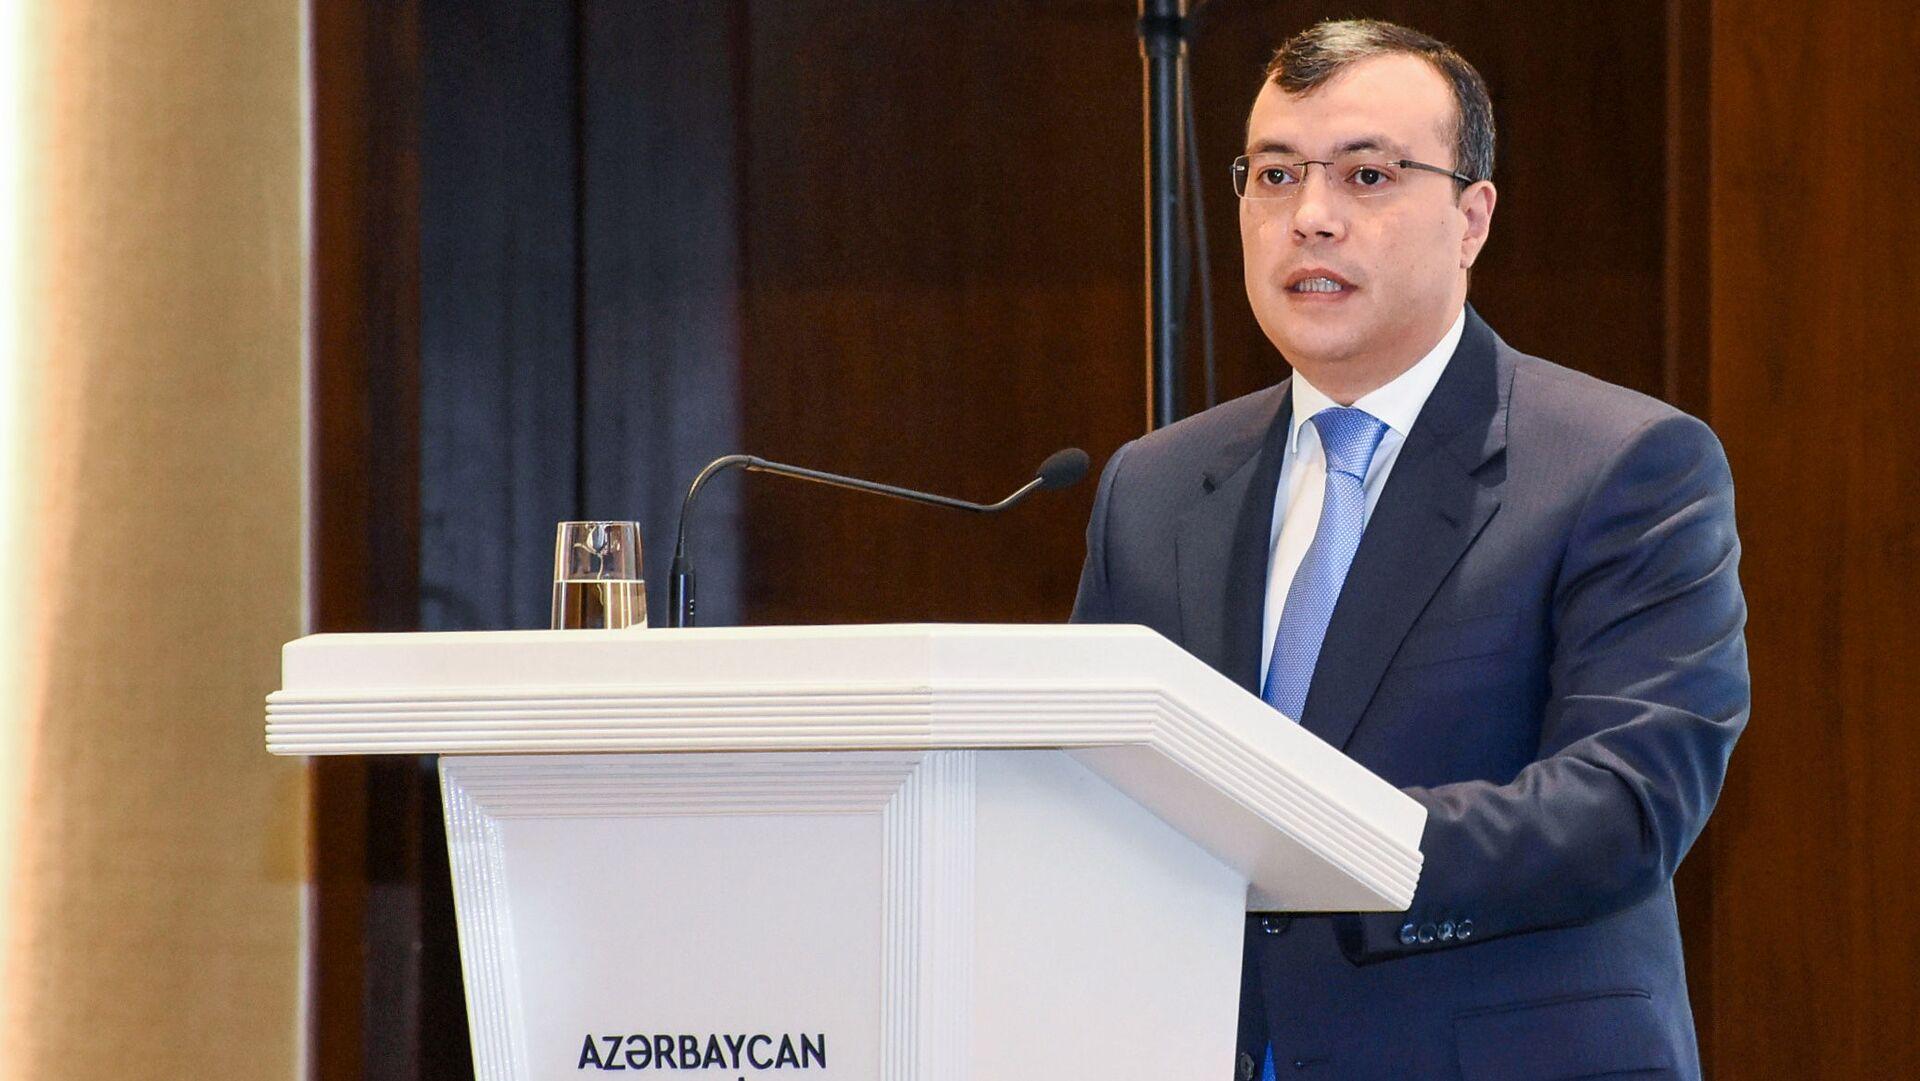 Сахиль Бабаев — Министр труда и социальной защиты населения Азербайджанской Республики - Sputnik Азербайджан, 1920, 02.09.2021